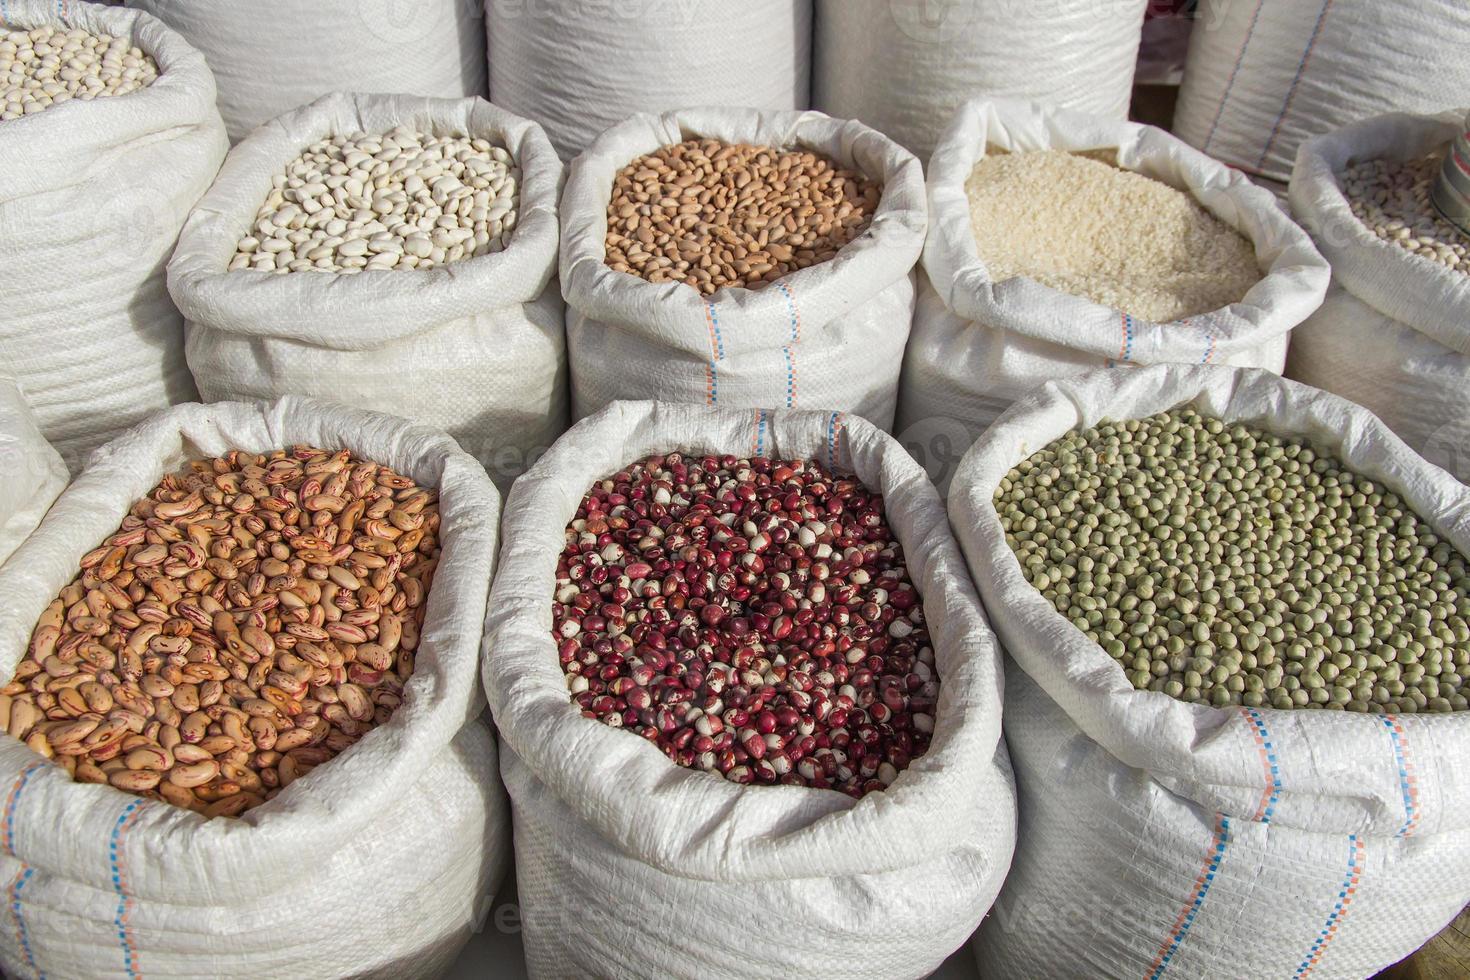 Mercado de sacos con legumbres y frijoles - sacos con legumbres frijoles foto